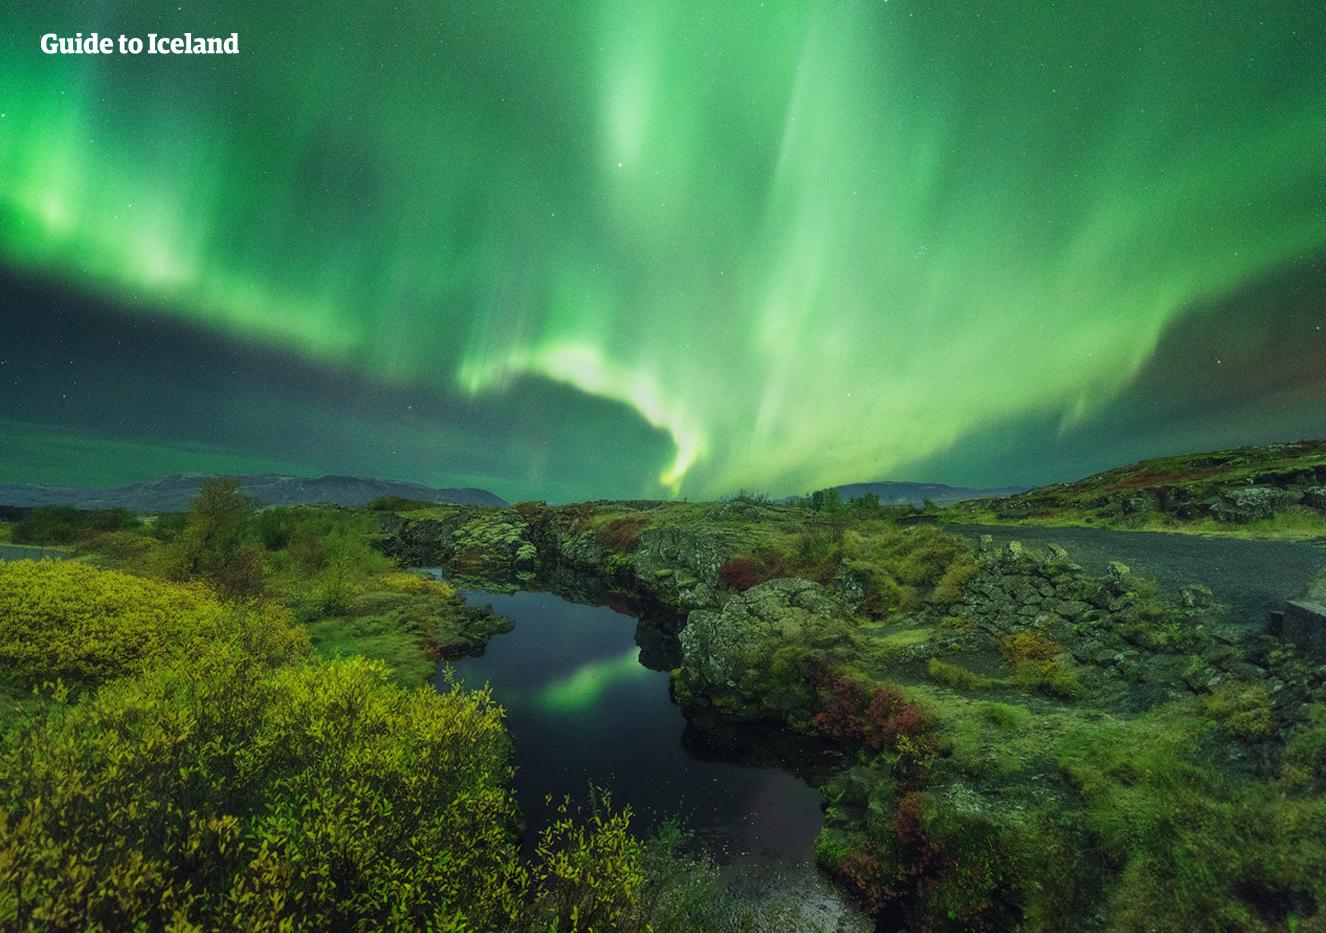 Двухнедельное зимнее путешествие вокруг Исландии - day 13